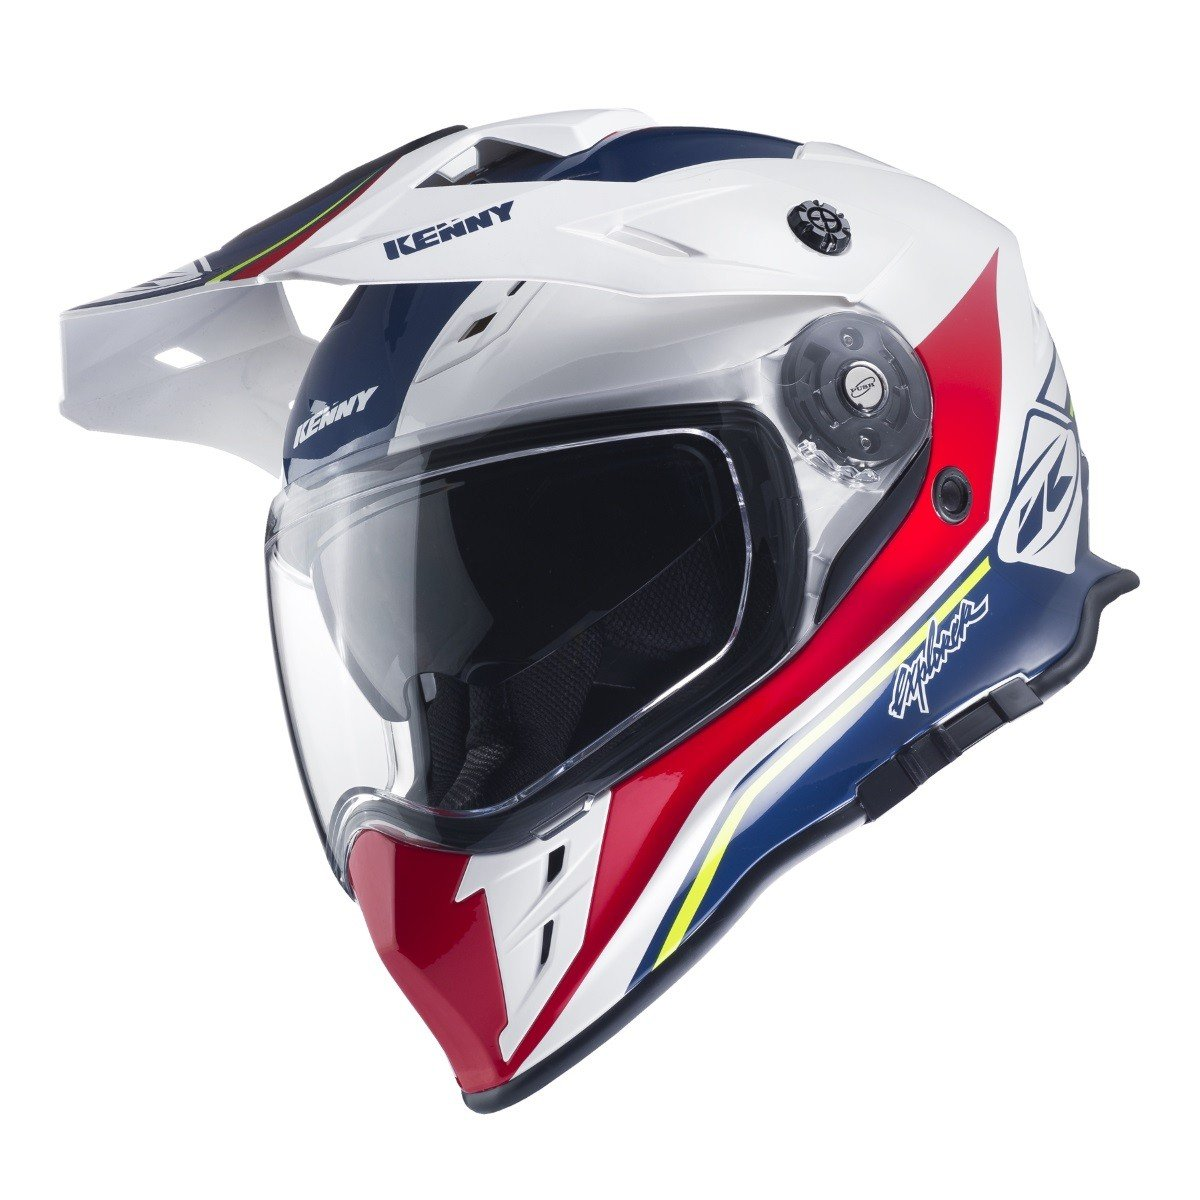 Motocyklová enduro přilba KENNY Explorer 17 (modrá/bílá/červená) XS (53/54)